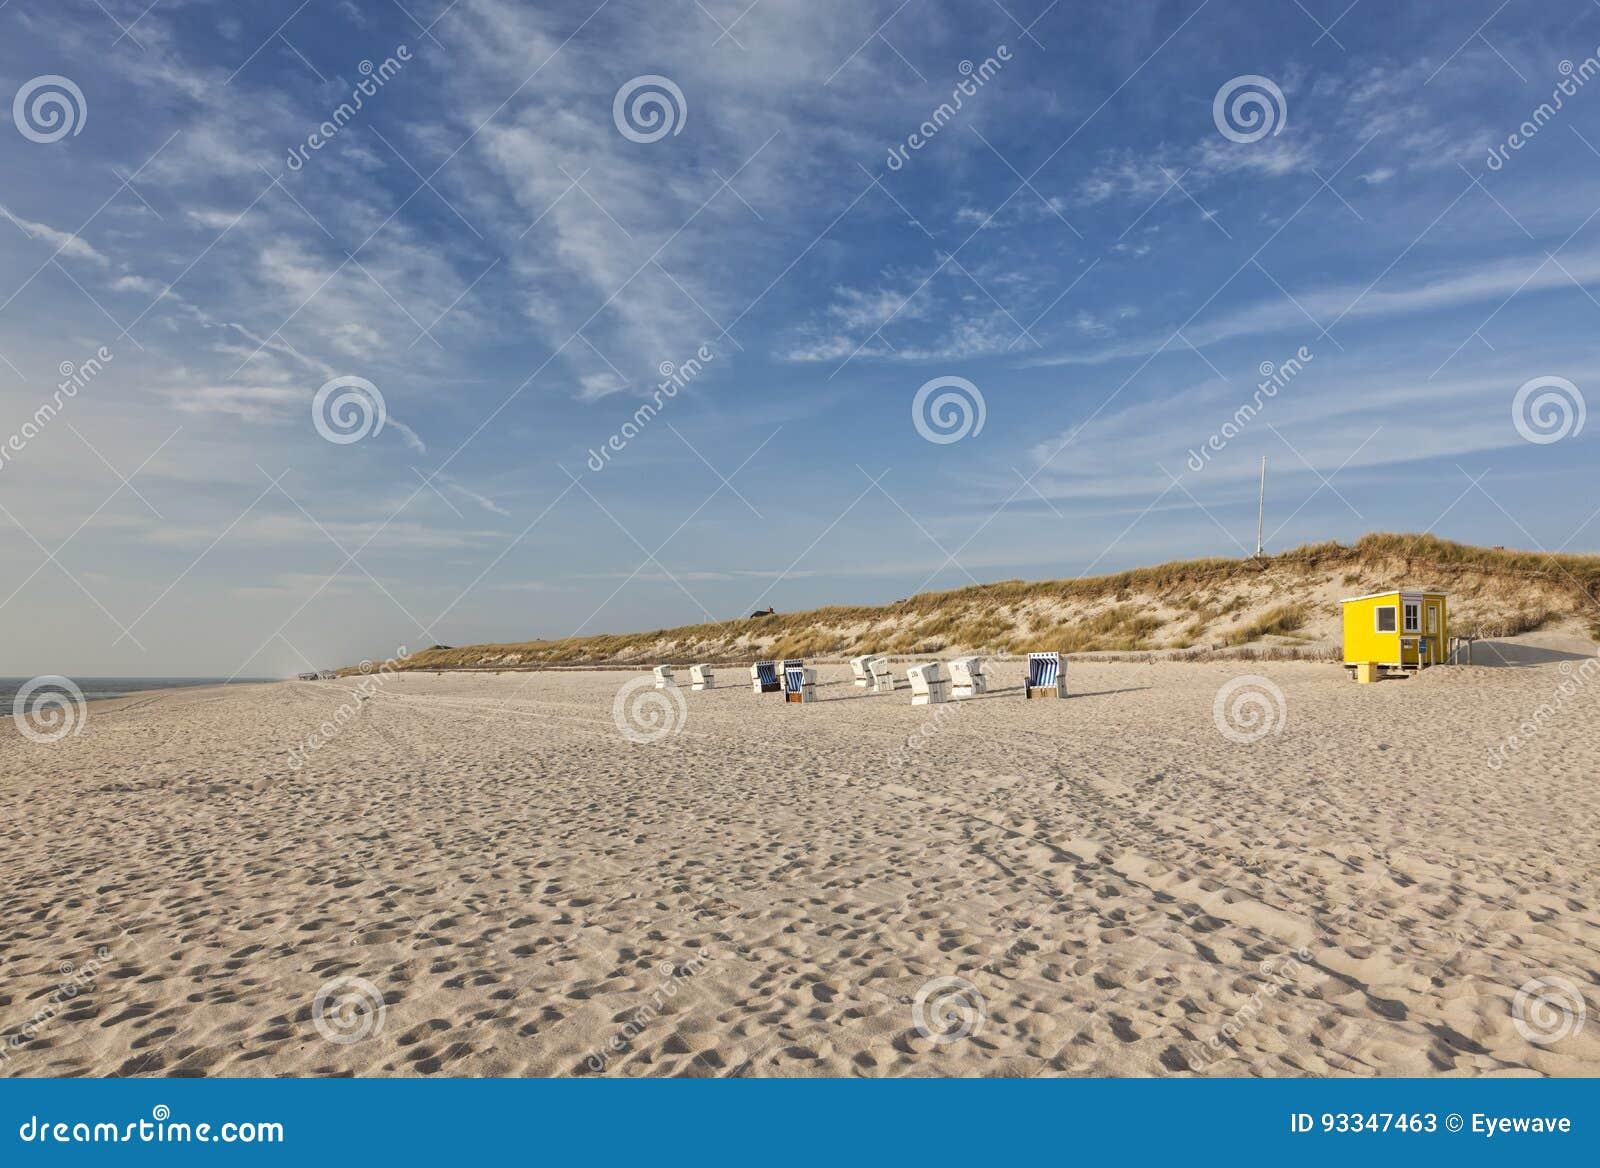 Sylt North Sea beach